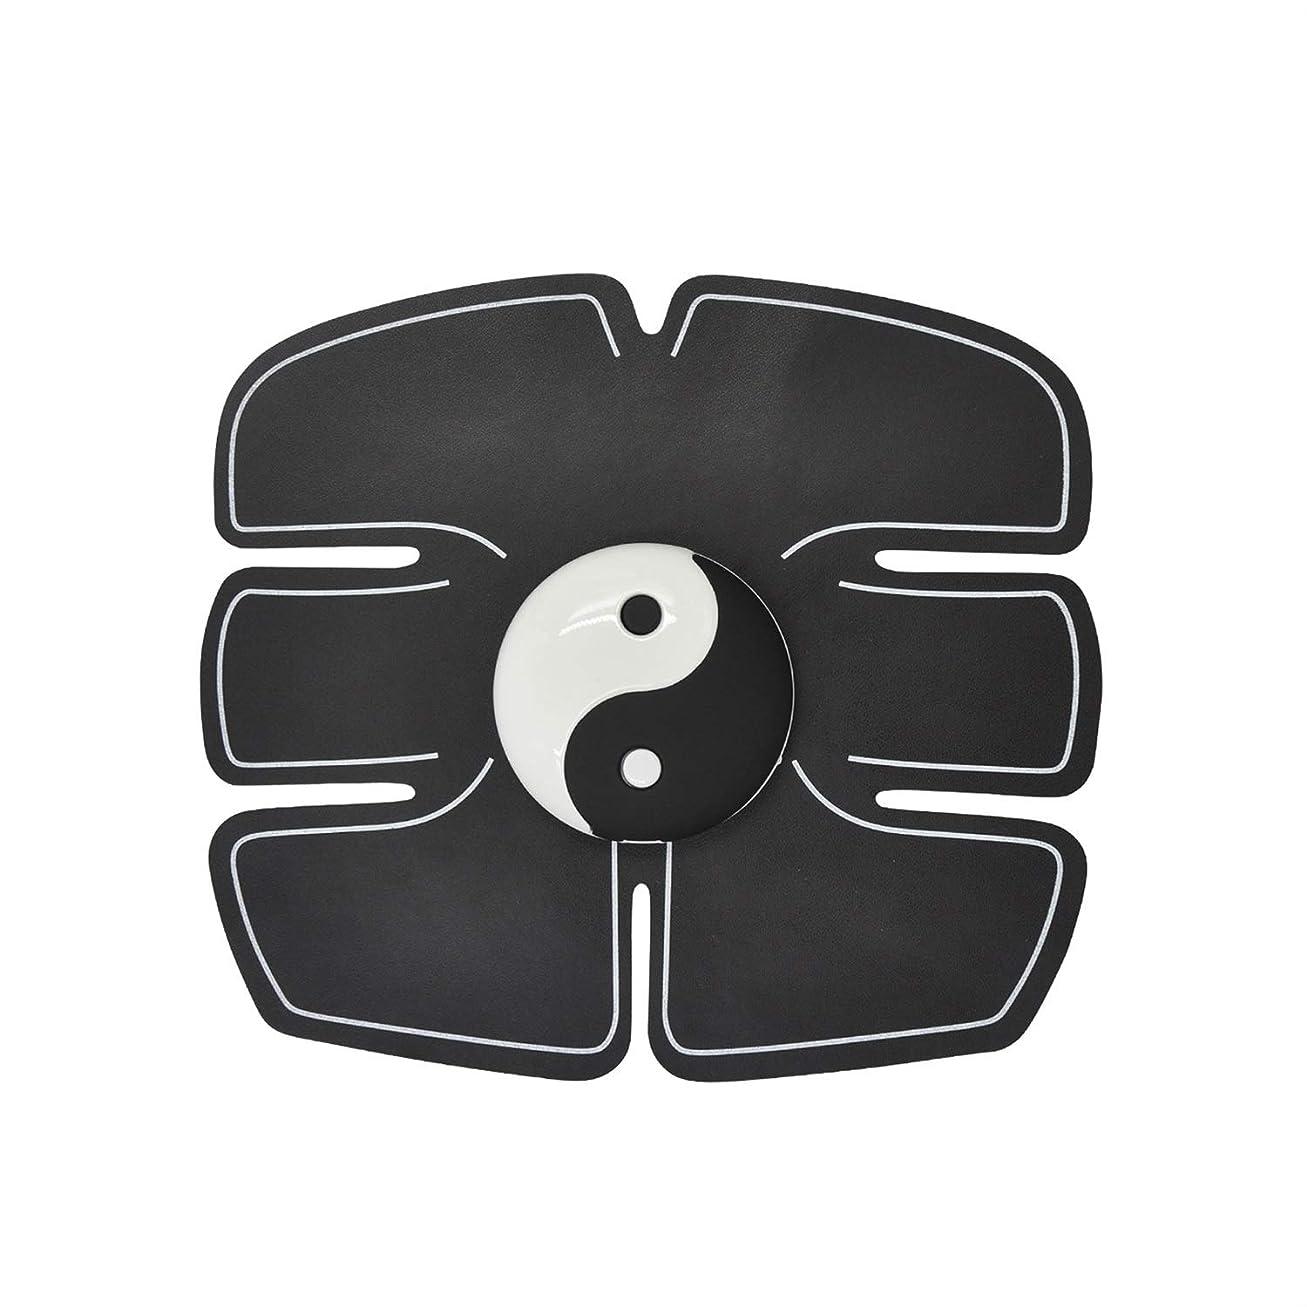 組立好意モトリーEms筋肉刺激装置、腹部筋肉トナー腹筋トレーナーフィットネストレーニングギアabsフィット重量筋肉トレーニング調色ジムトレーニングマシン用男性&女性 (Size : Abdominal stickers)